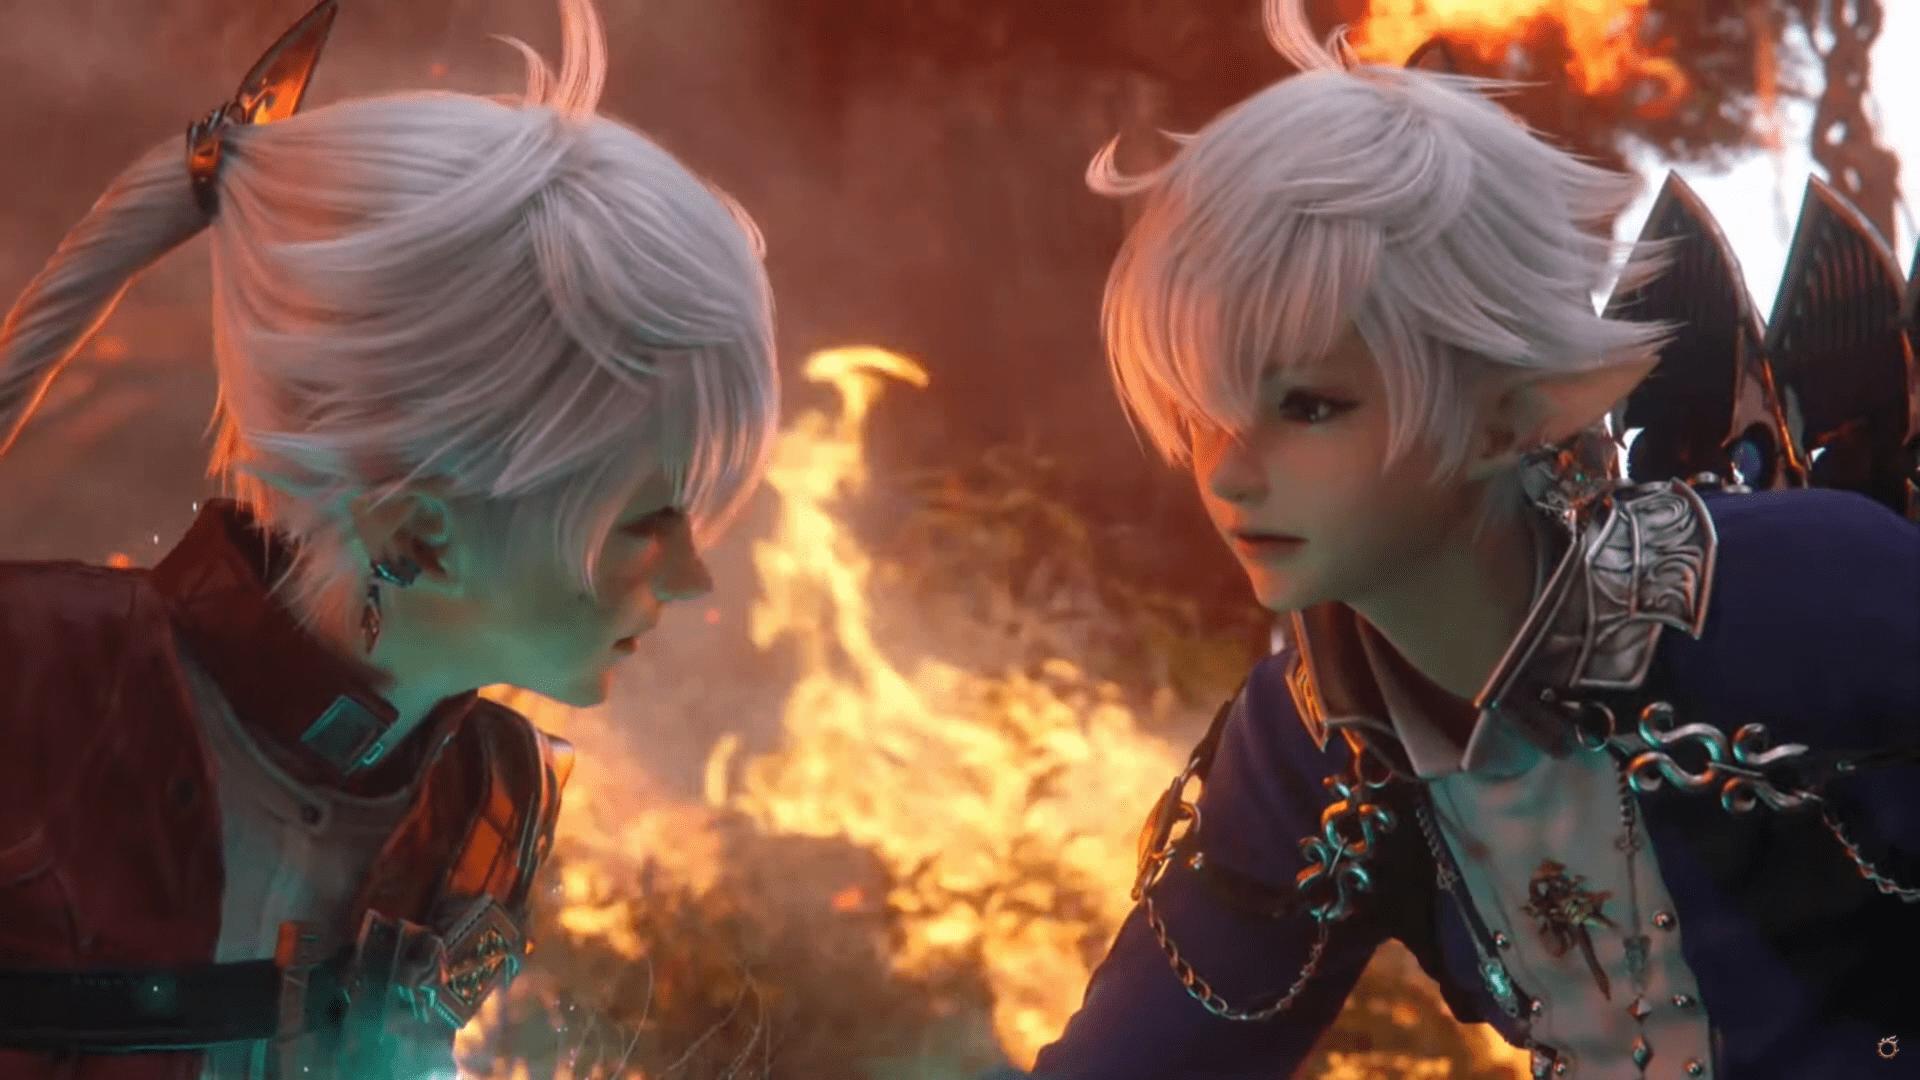 Final Fantasy XIV voice actor cast 2